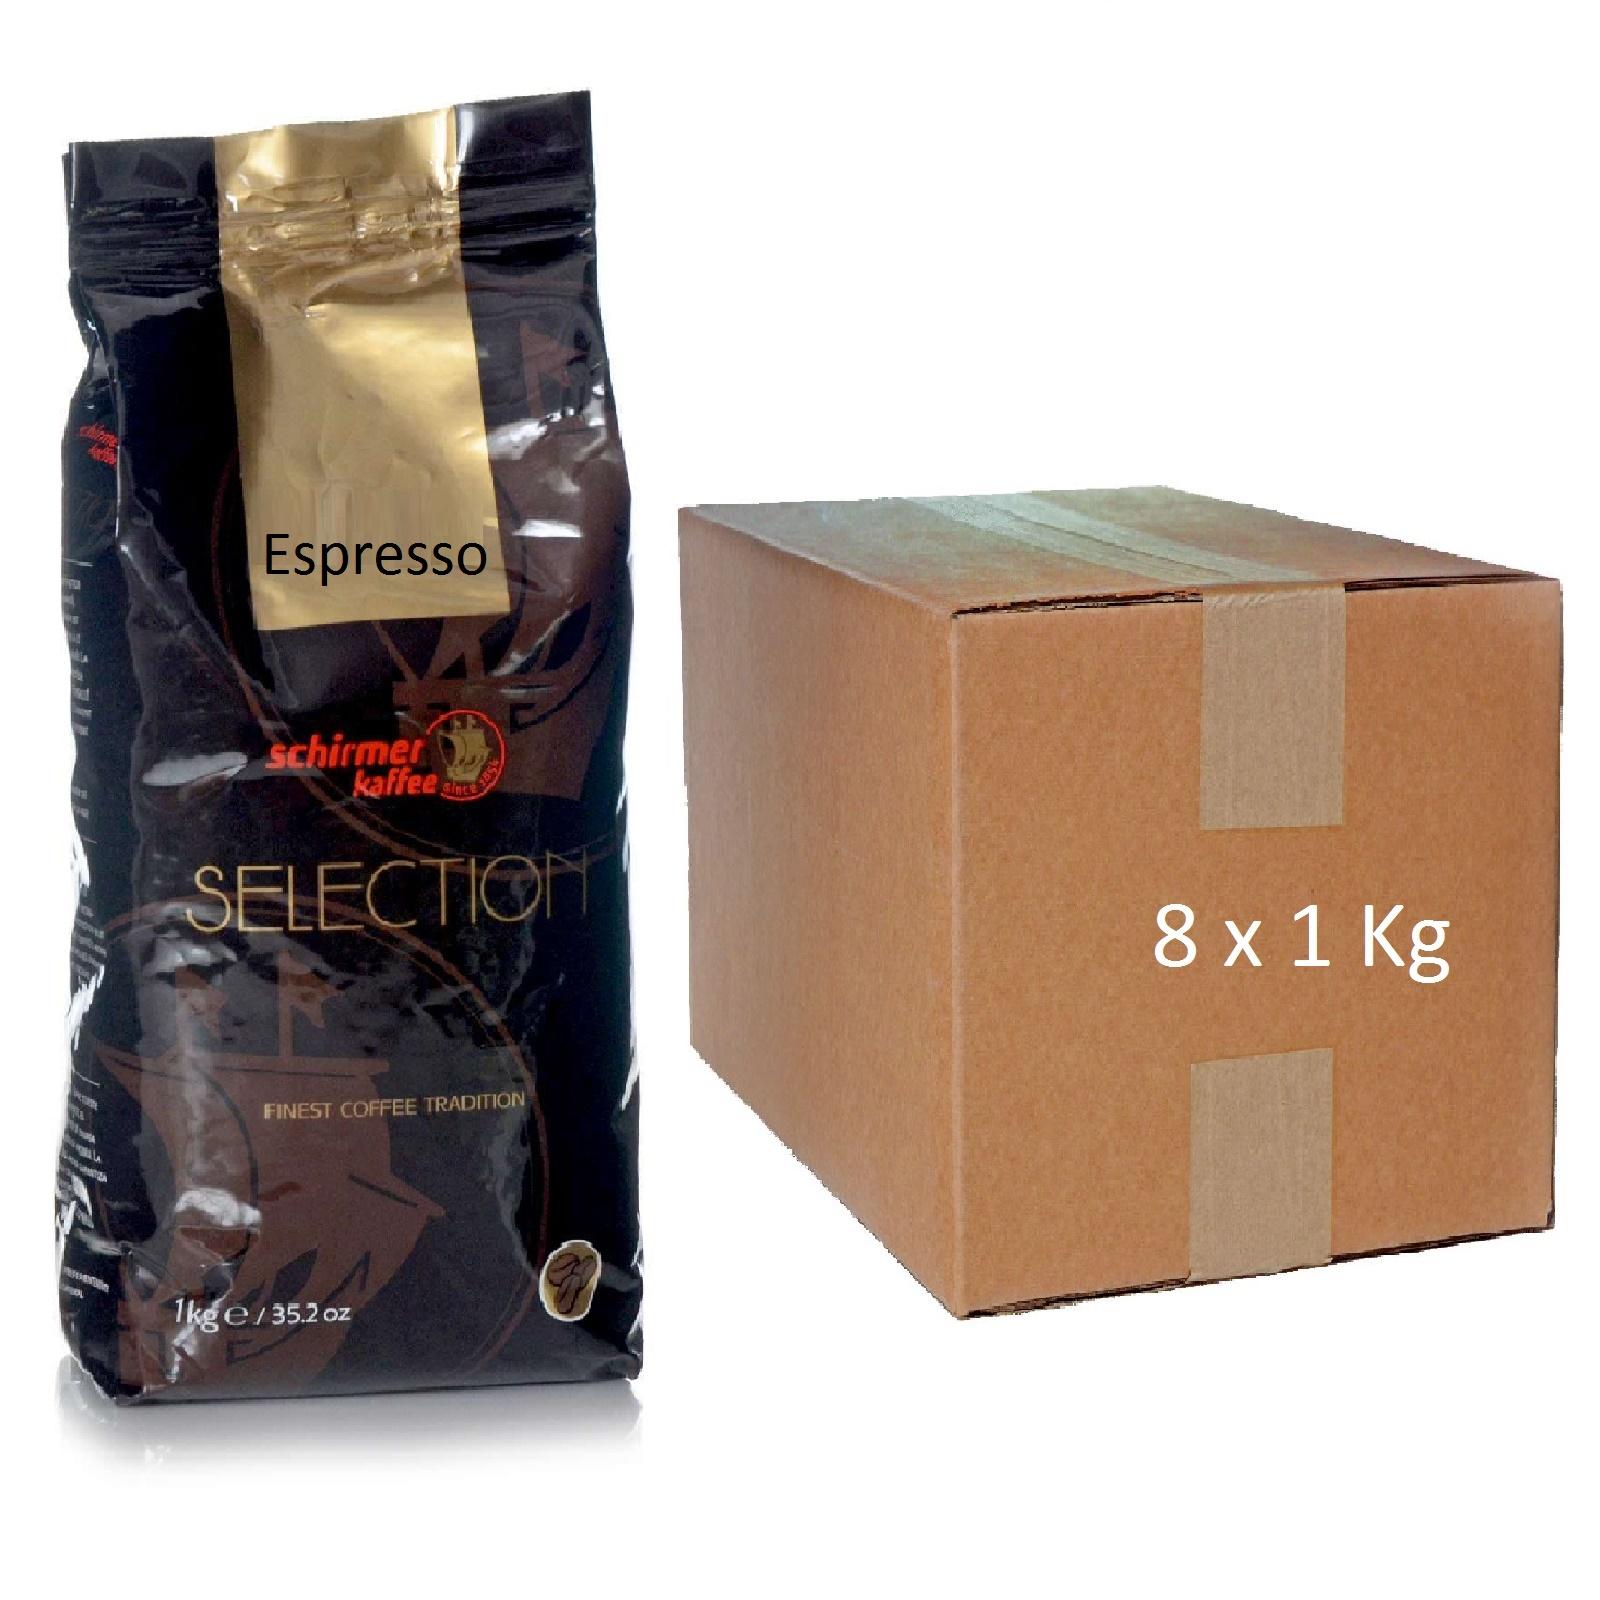 Schirmer Selection Espresso 8 x 1Kg ganze bohnen